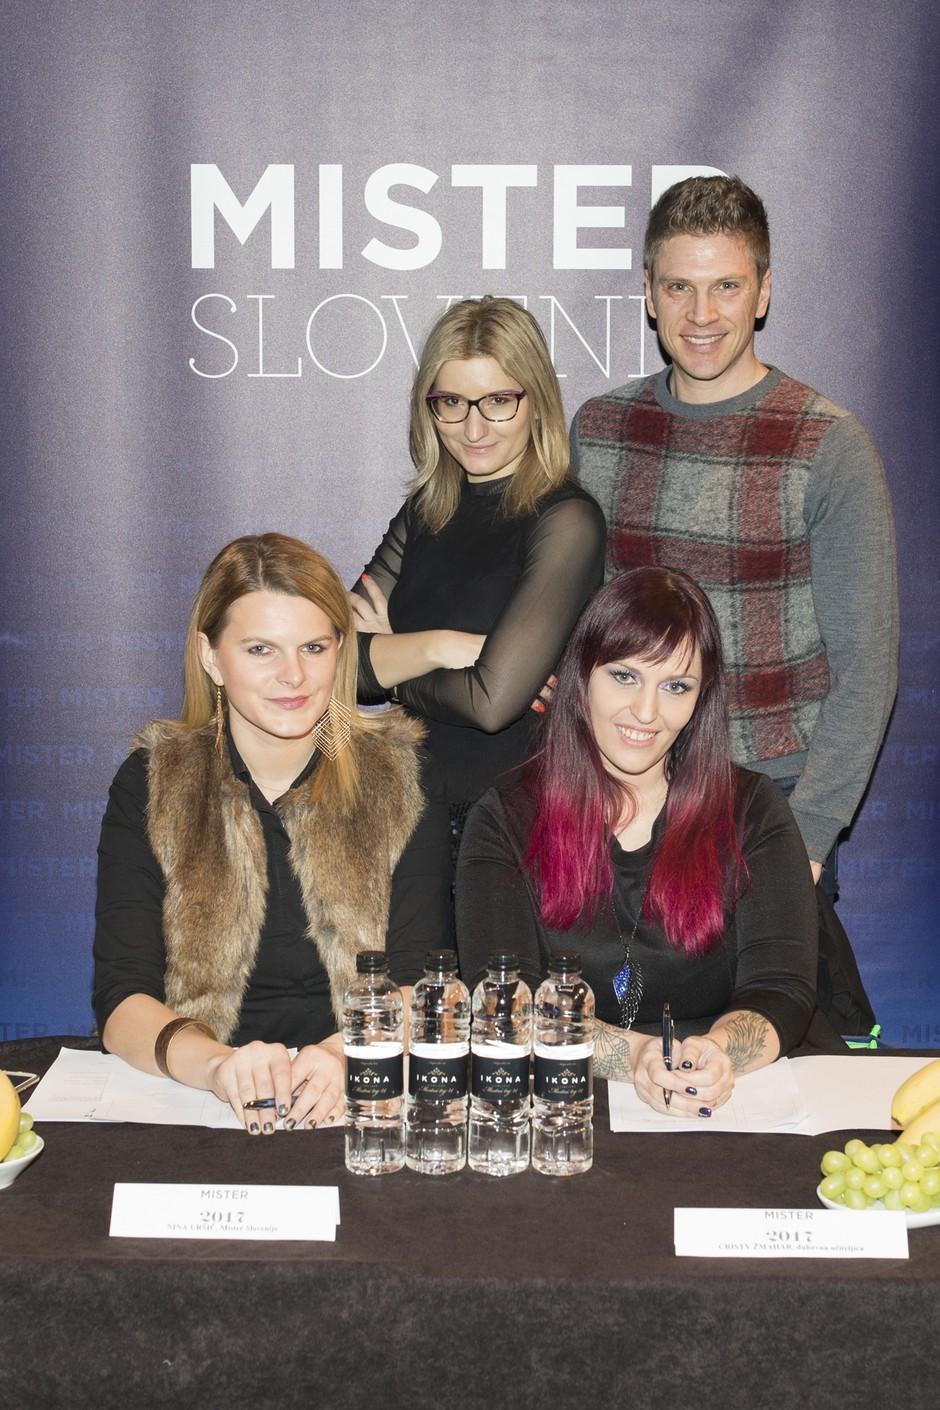 Mister Slovenije 2017: Komisija namučila postavne Slovence (foto: misterslovenia.com)